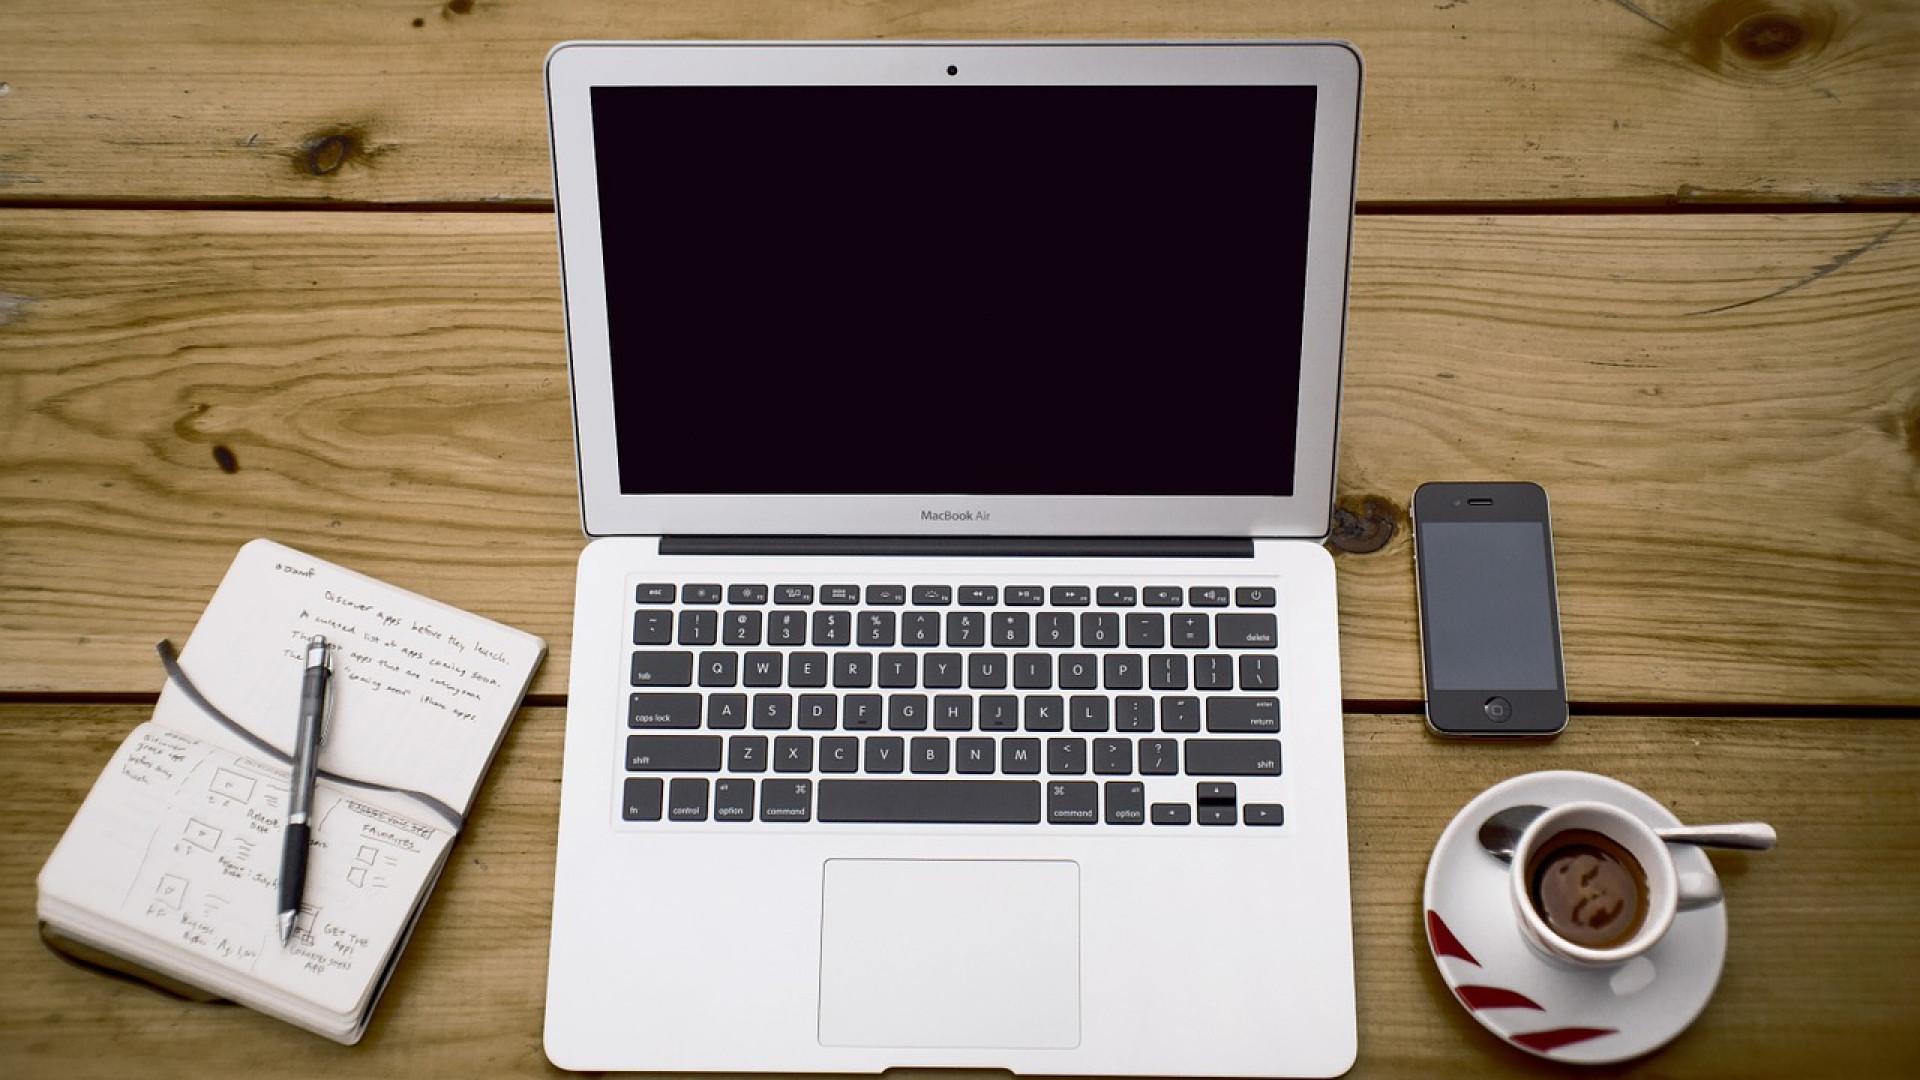 Comment réussir la réparation de son Macbook Air ?